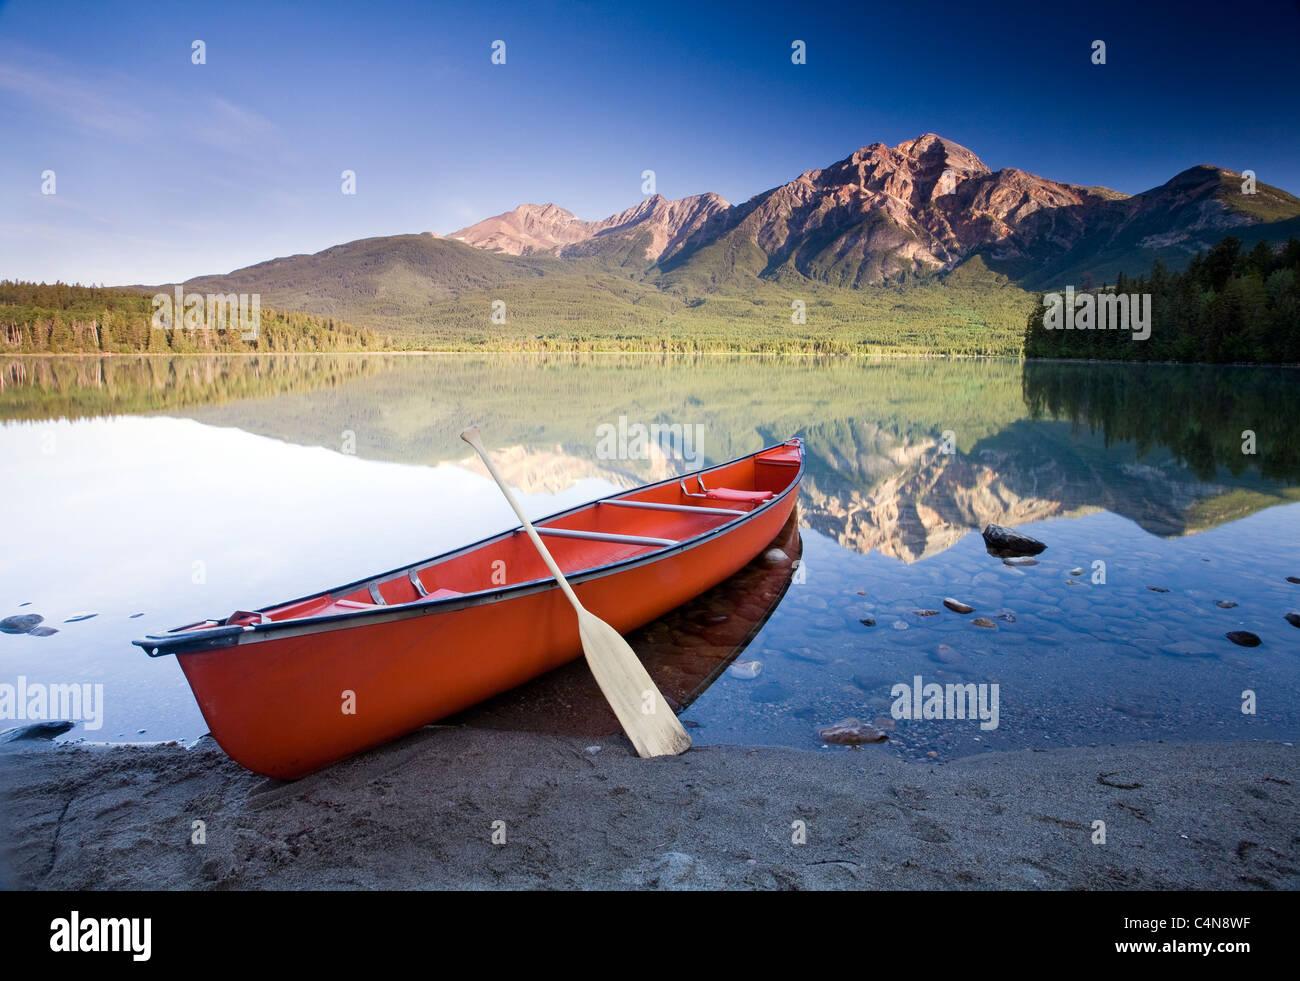 Red Canoe à l'aube sur le lac Pyramid, Jasper National Park, Alberta, Canada.Banque D'Images